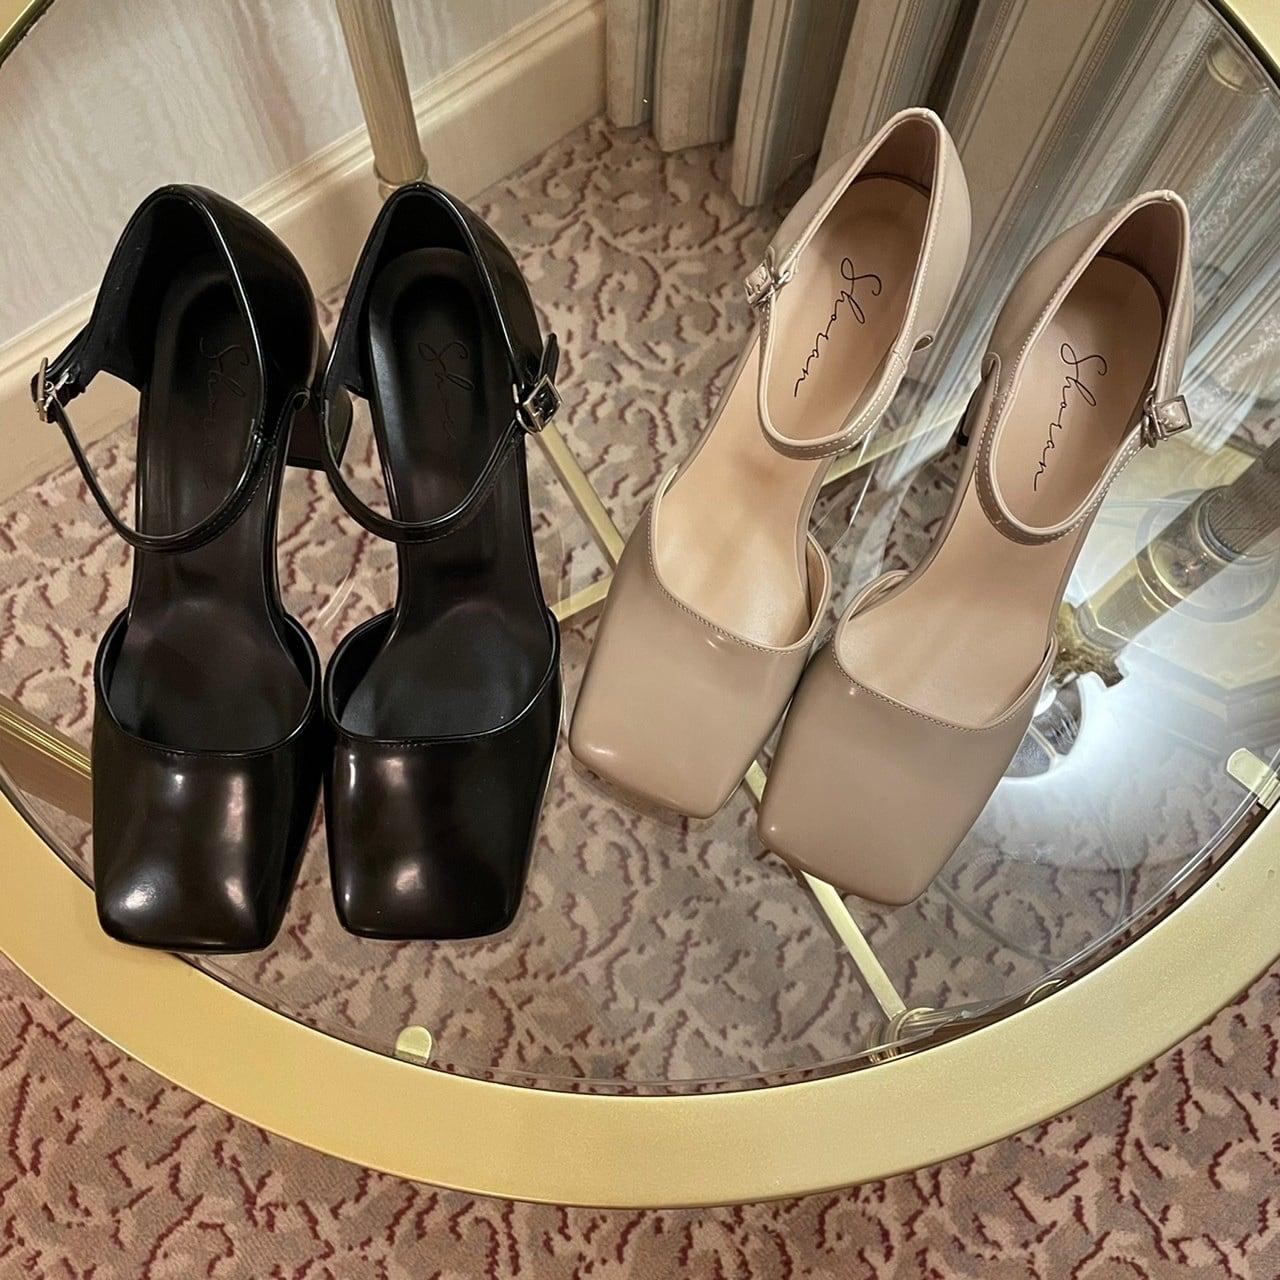 【Belle】square toe  pumps / black